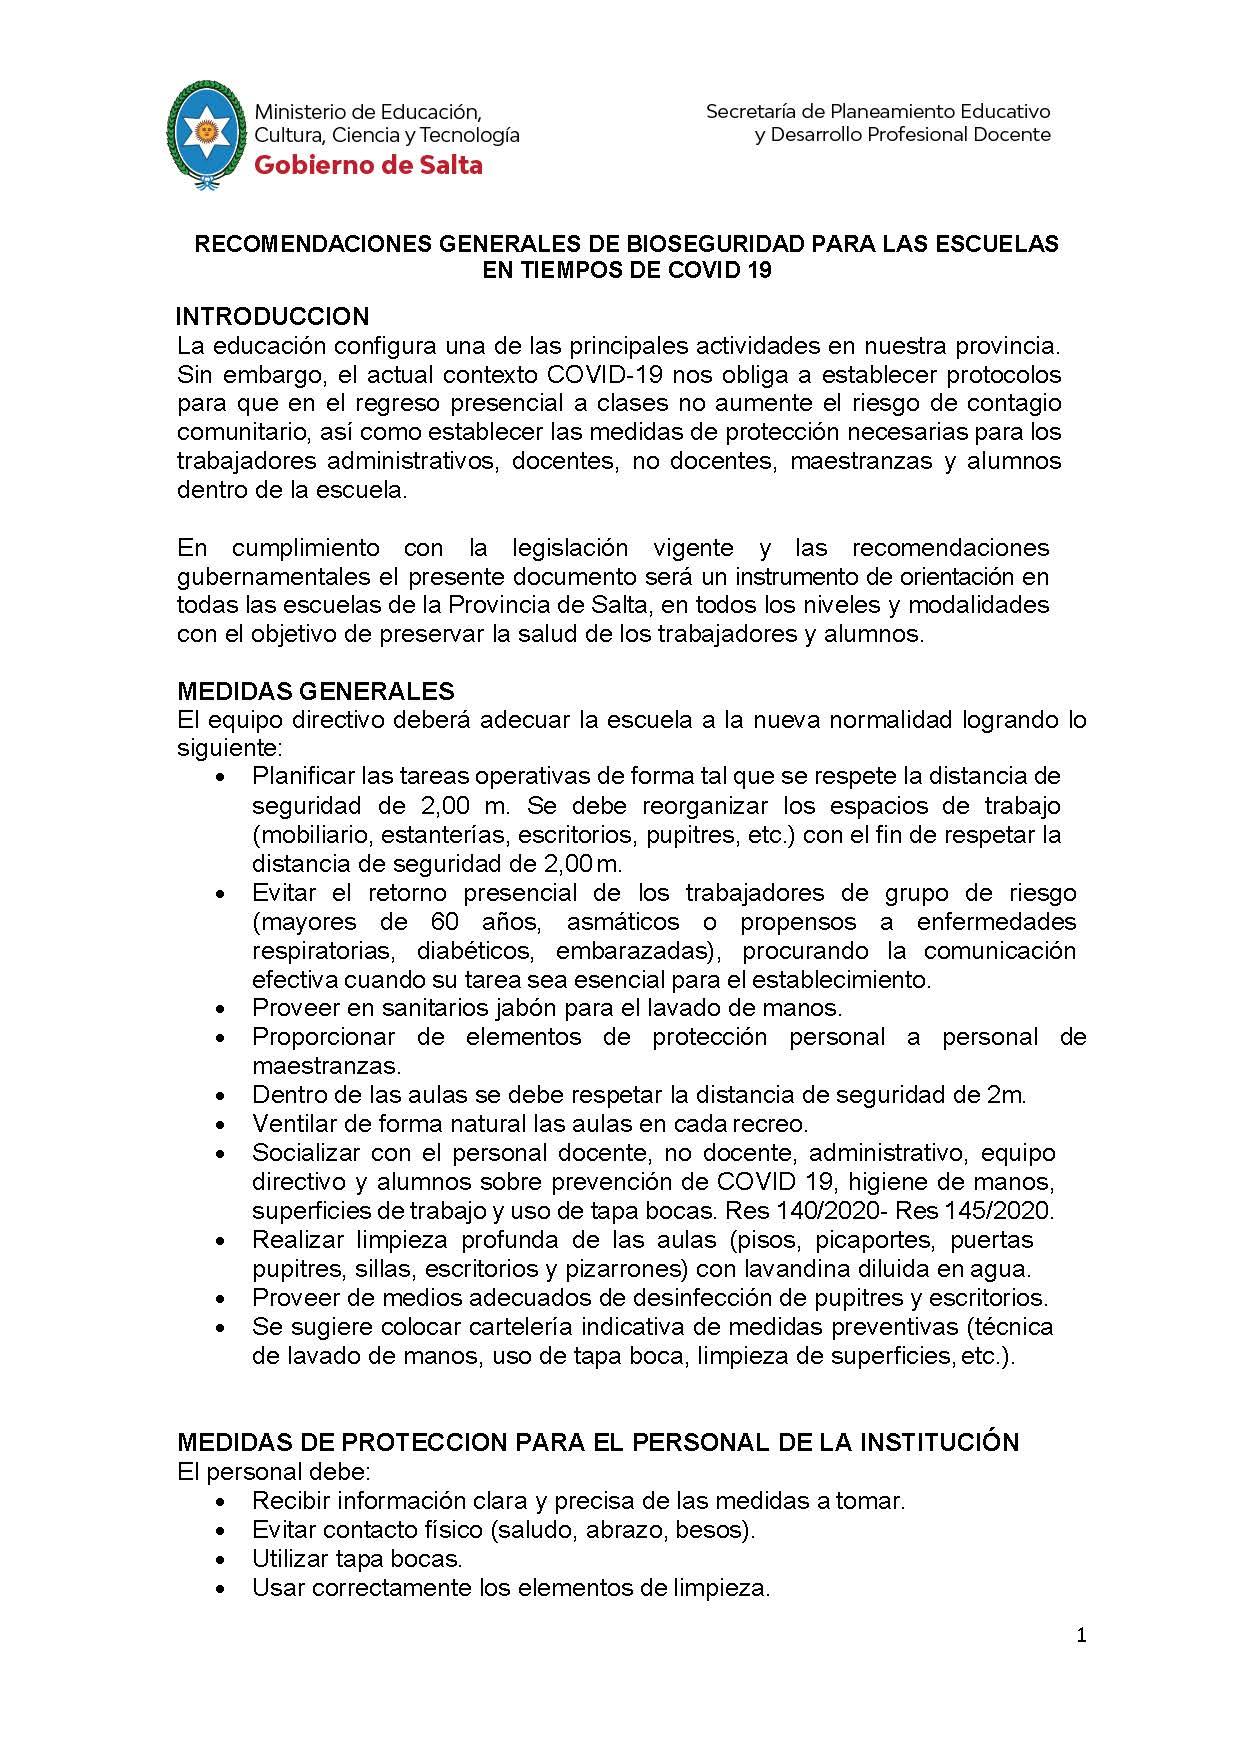 Recomendaciones Generales para las escuelas en tiempos de Covid-19. IFD 6040